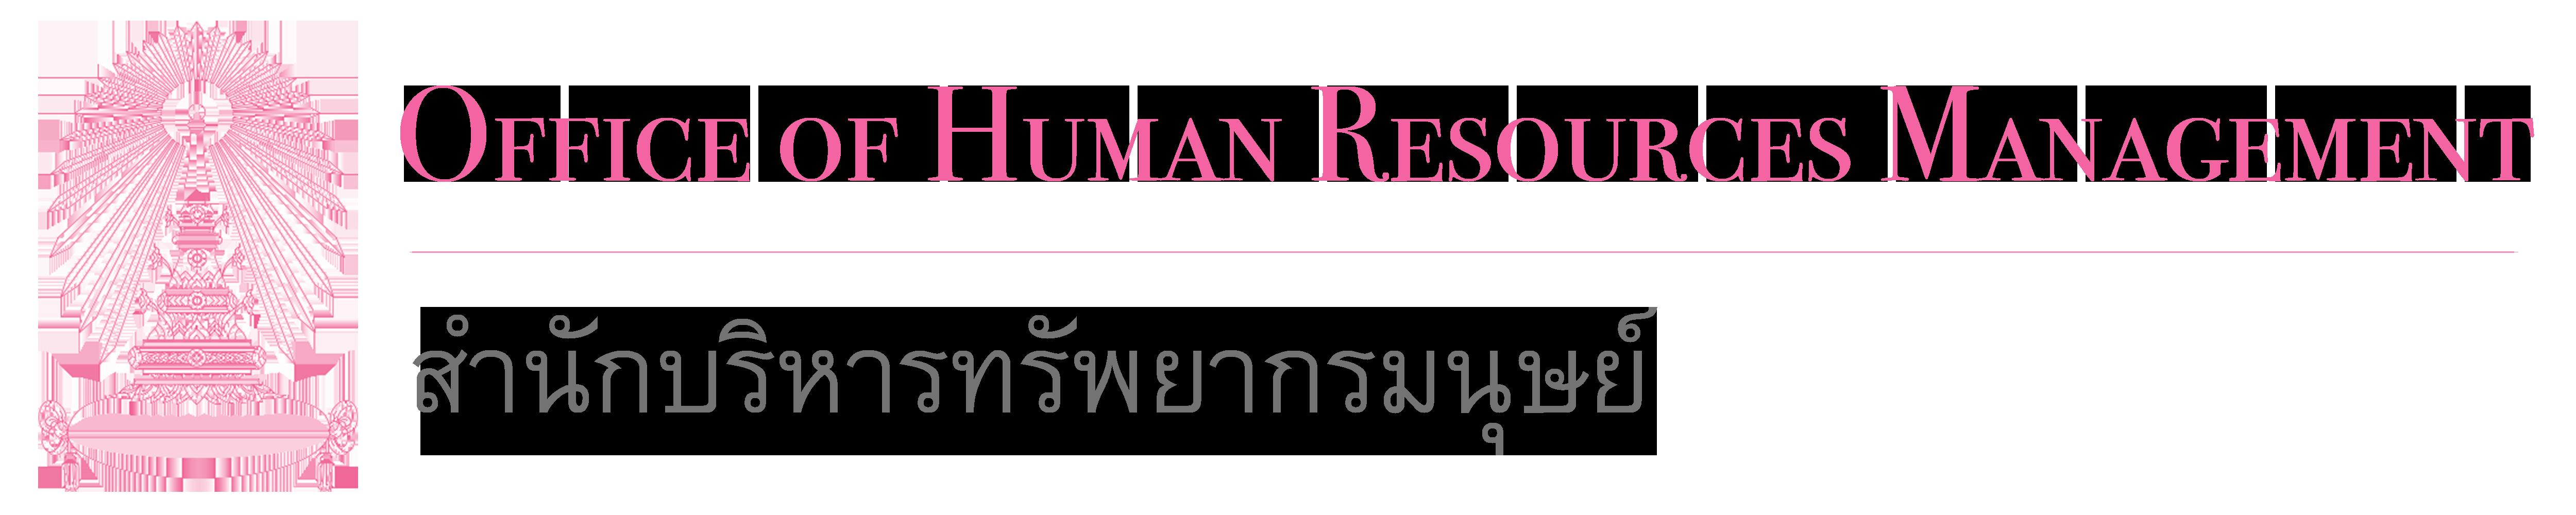 สำนักบริหารทรัพยากรมนุษย์ จุฬาลงกรณ์มหาวิทยาลัย Logo